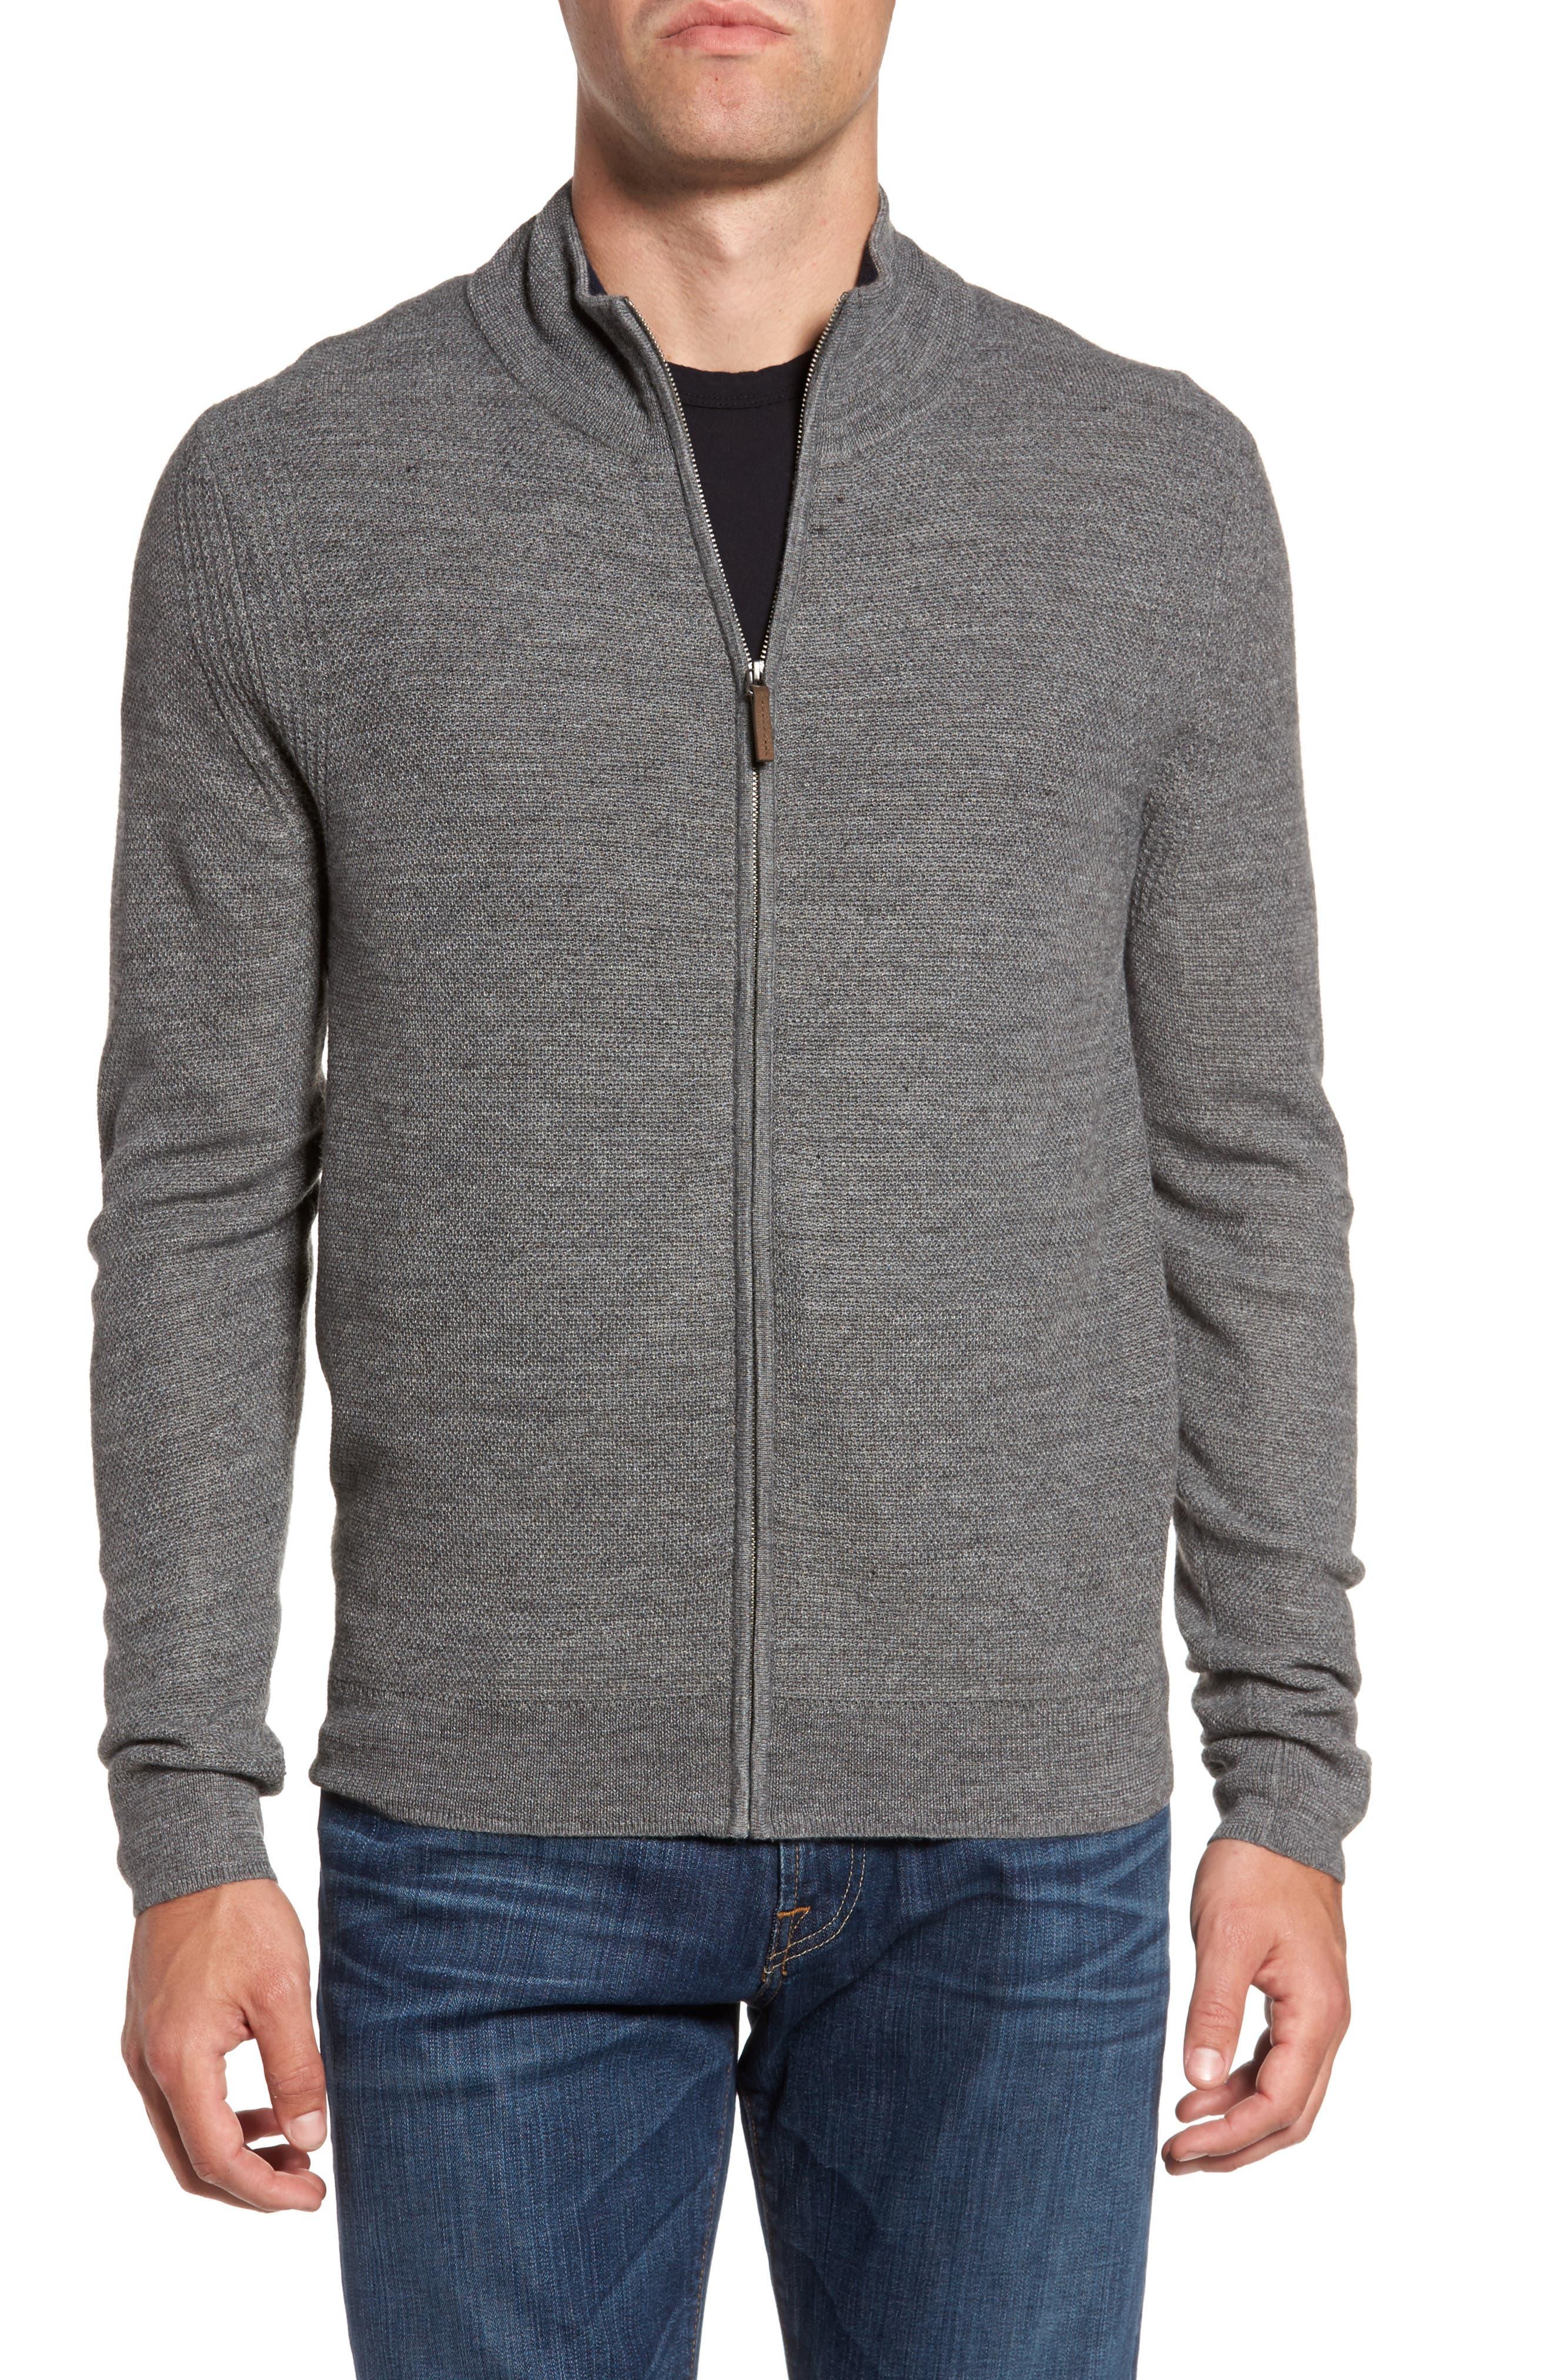 Main Image - Nordstrom Men's Shop Honeycomb Zip Front Cardigan